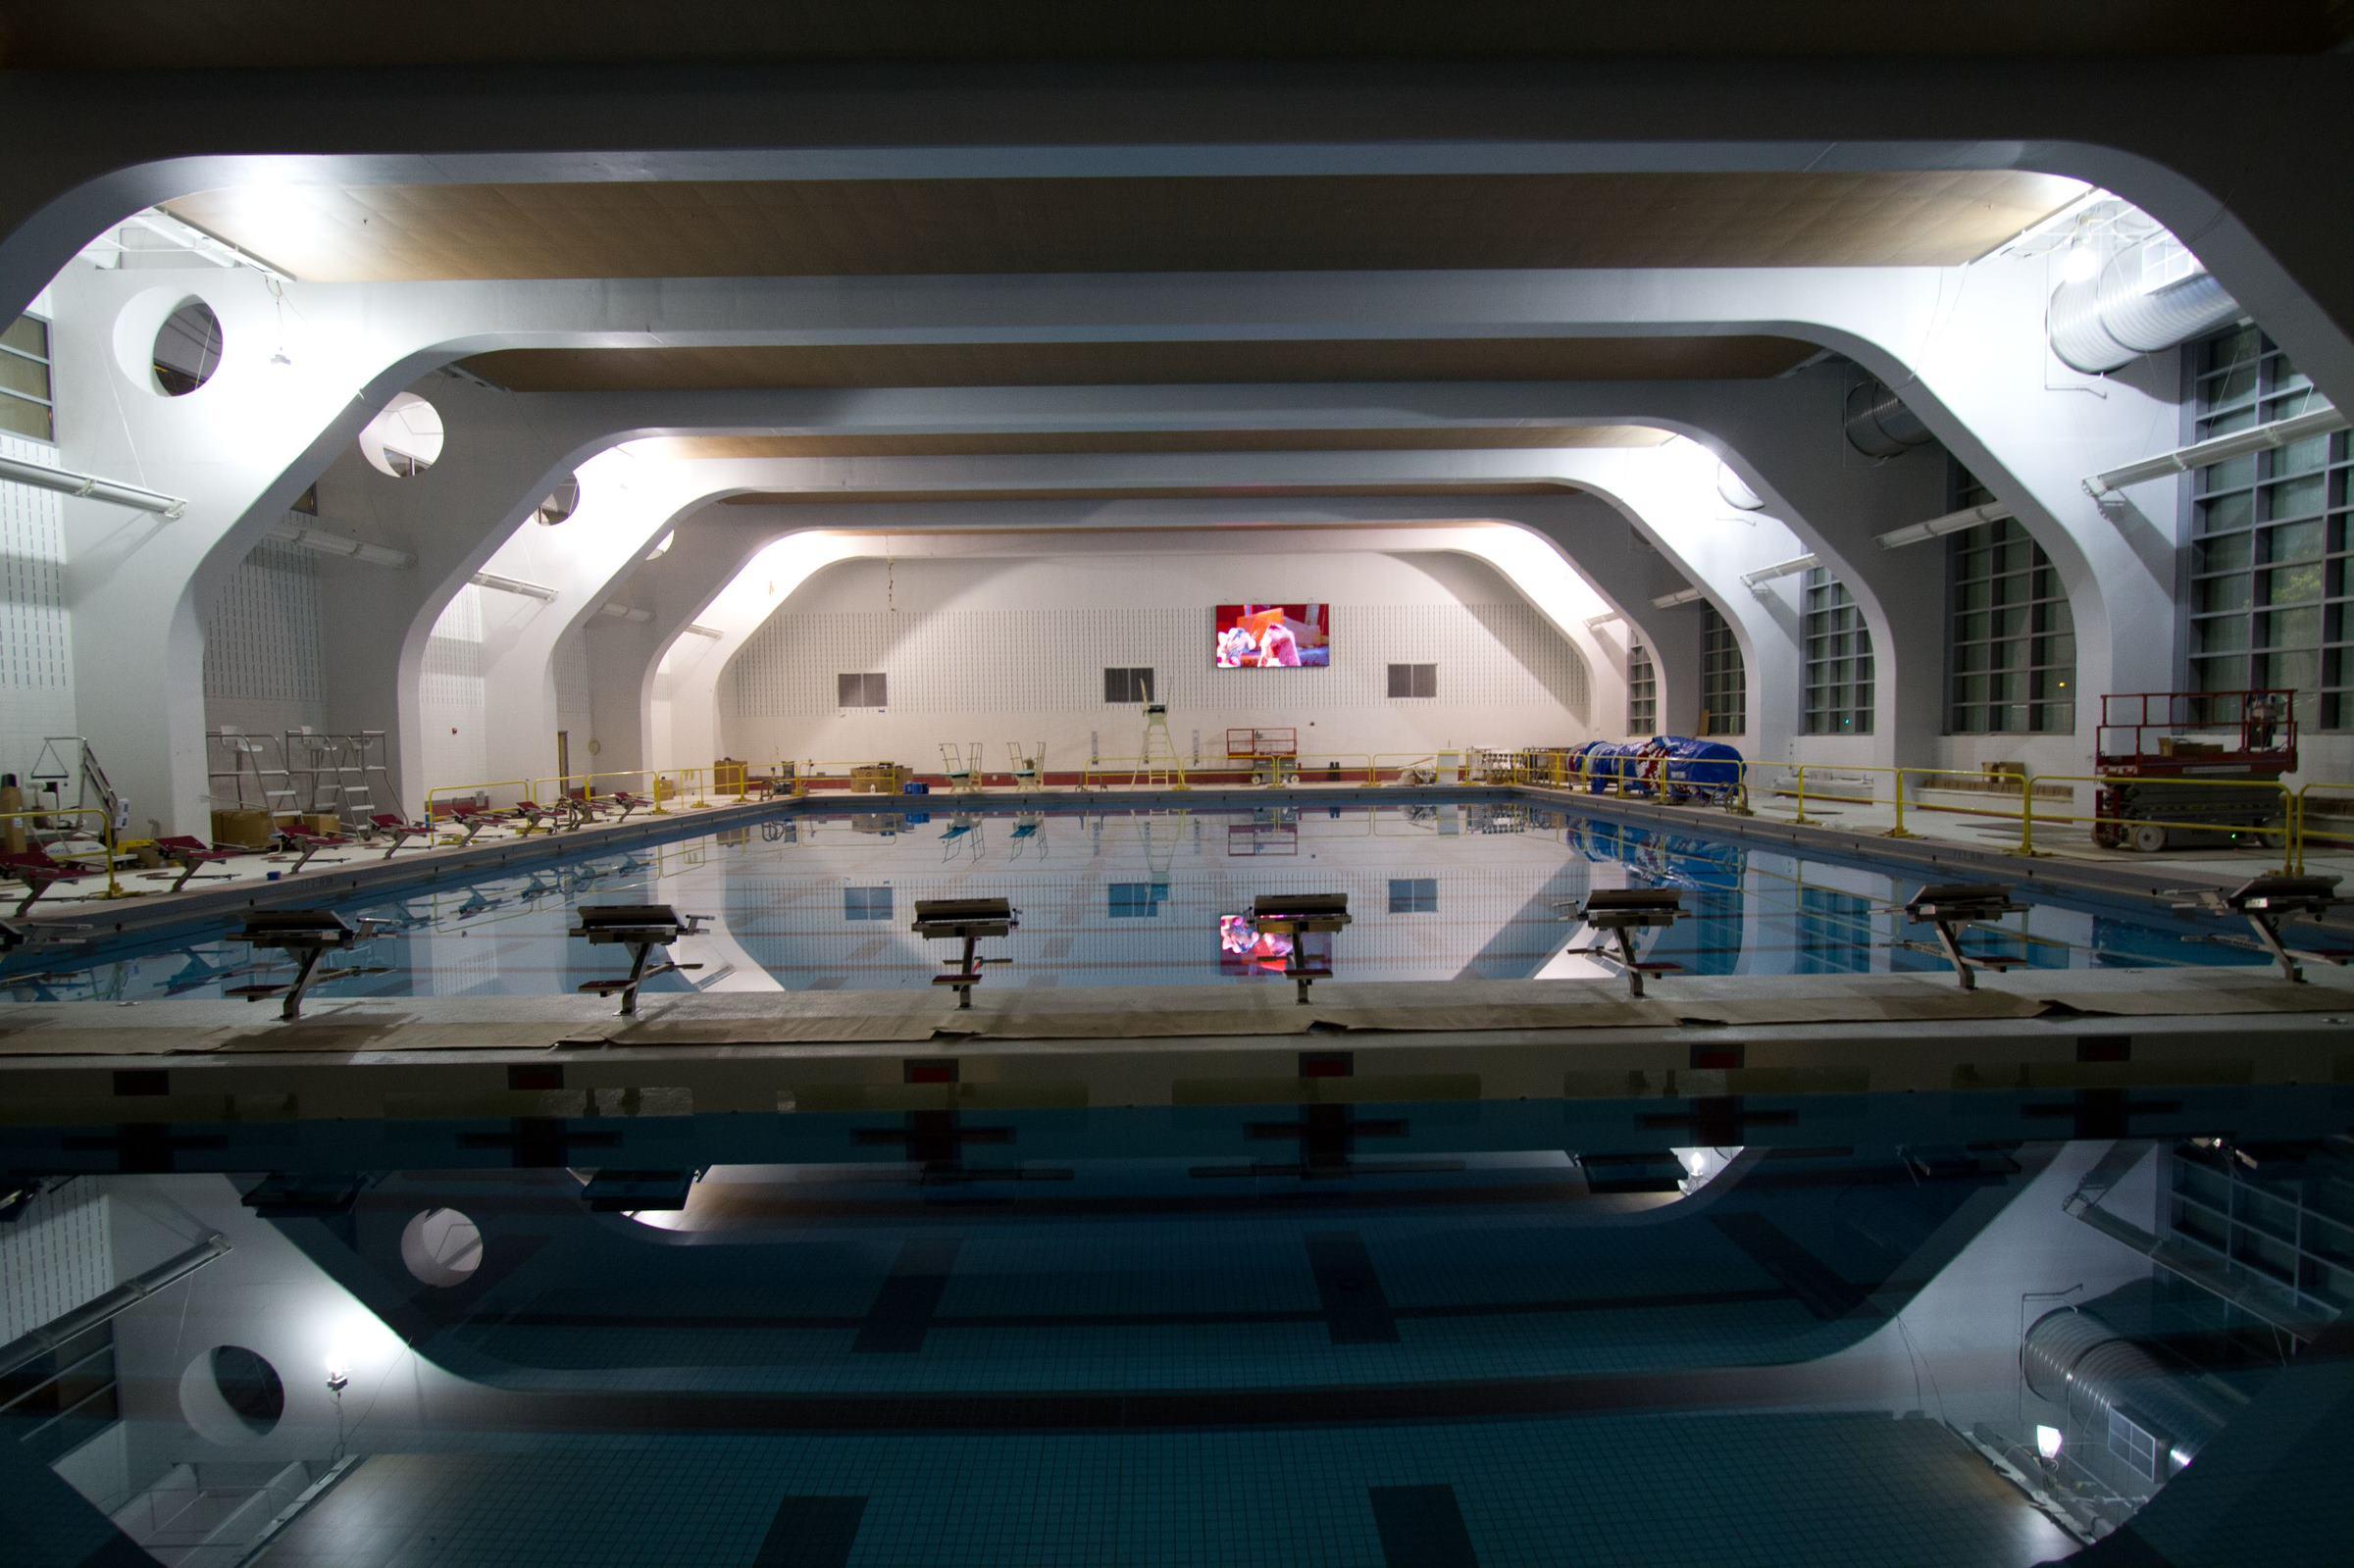 WPI Rec Center Pool Still